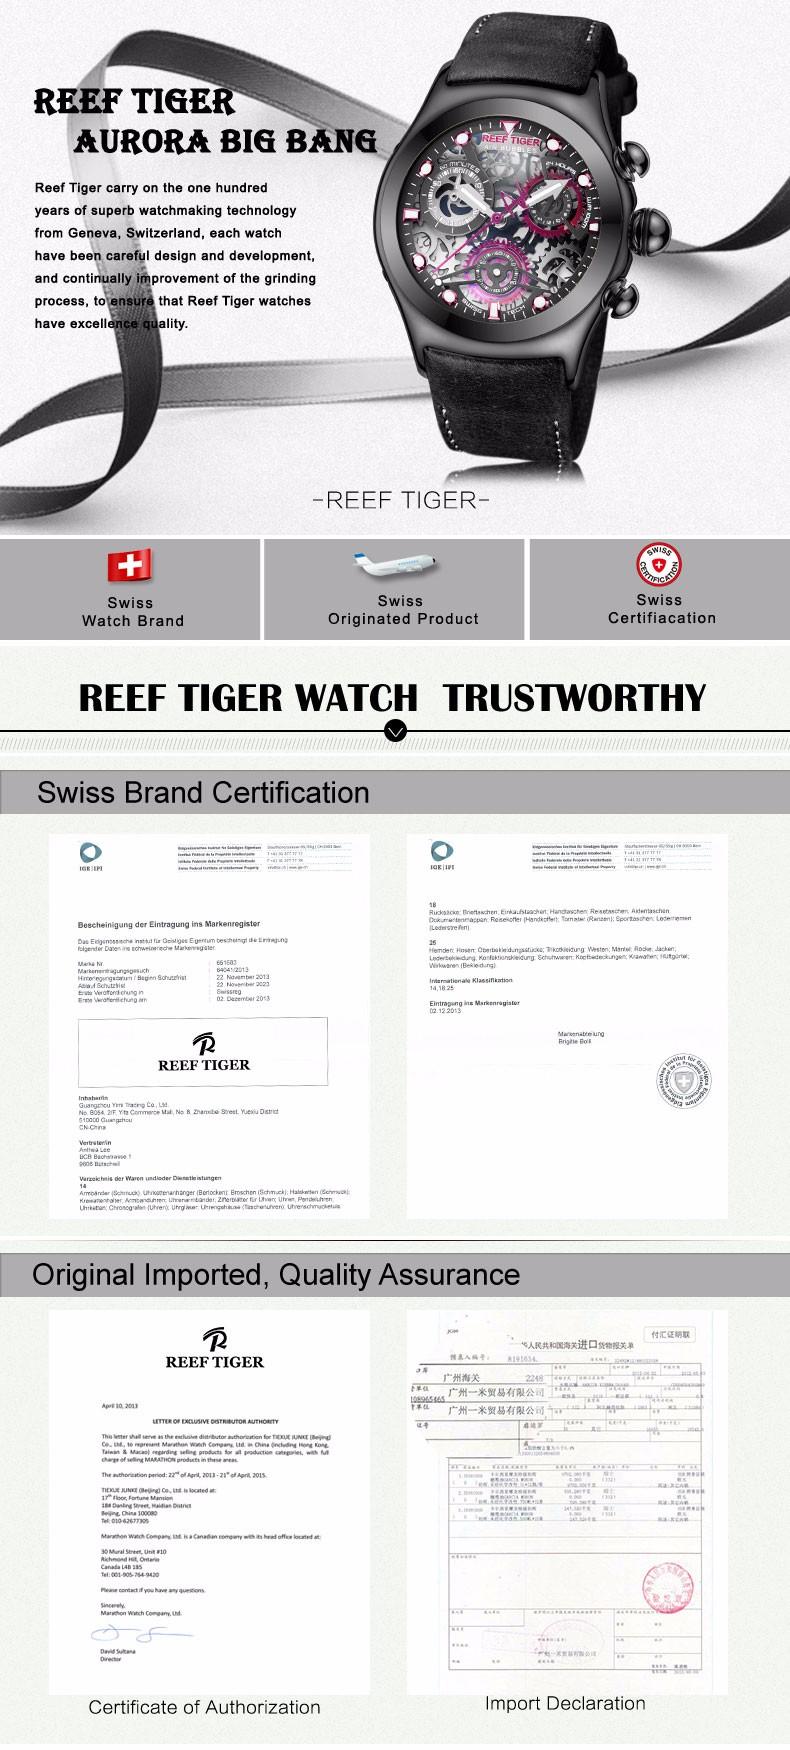 Риф Тигр/RT Хронограф Спортивные Часы для Мужчин Скелет Циферблат с Дата Три Счетчики Дизайн Световой Швейцарские Часы RGA792